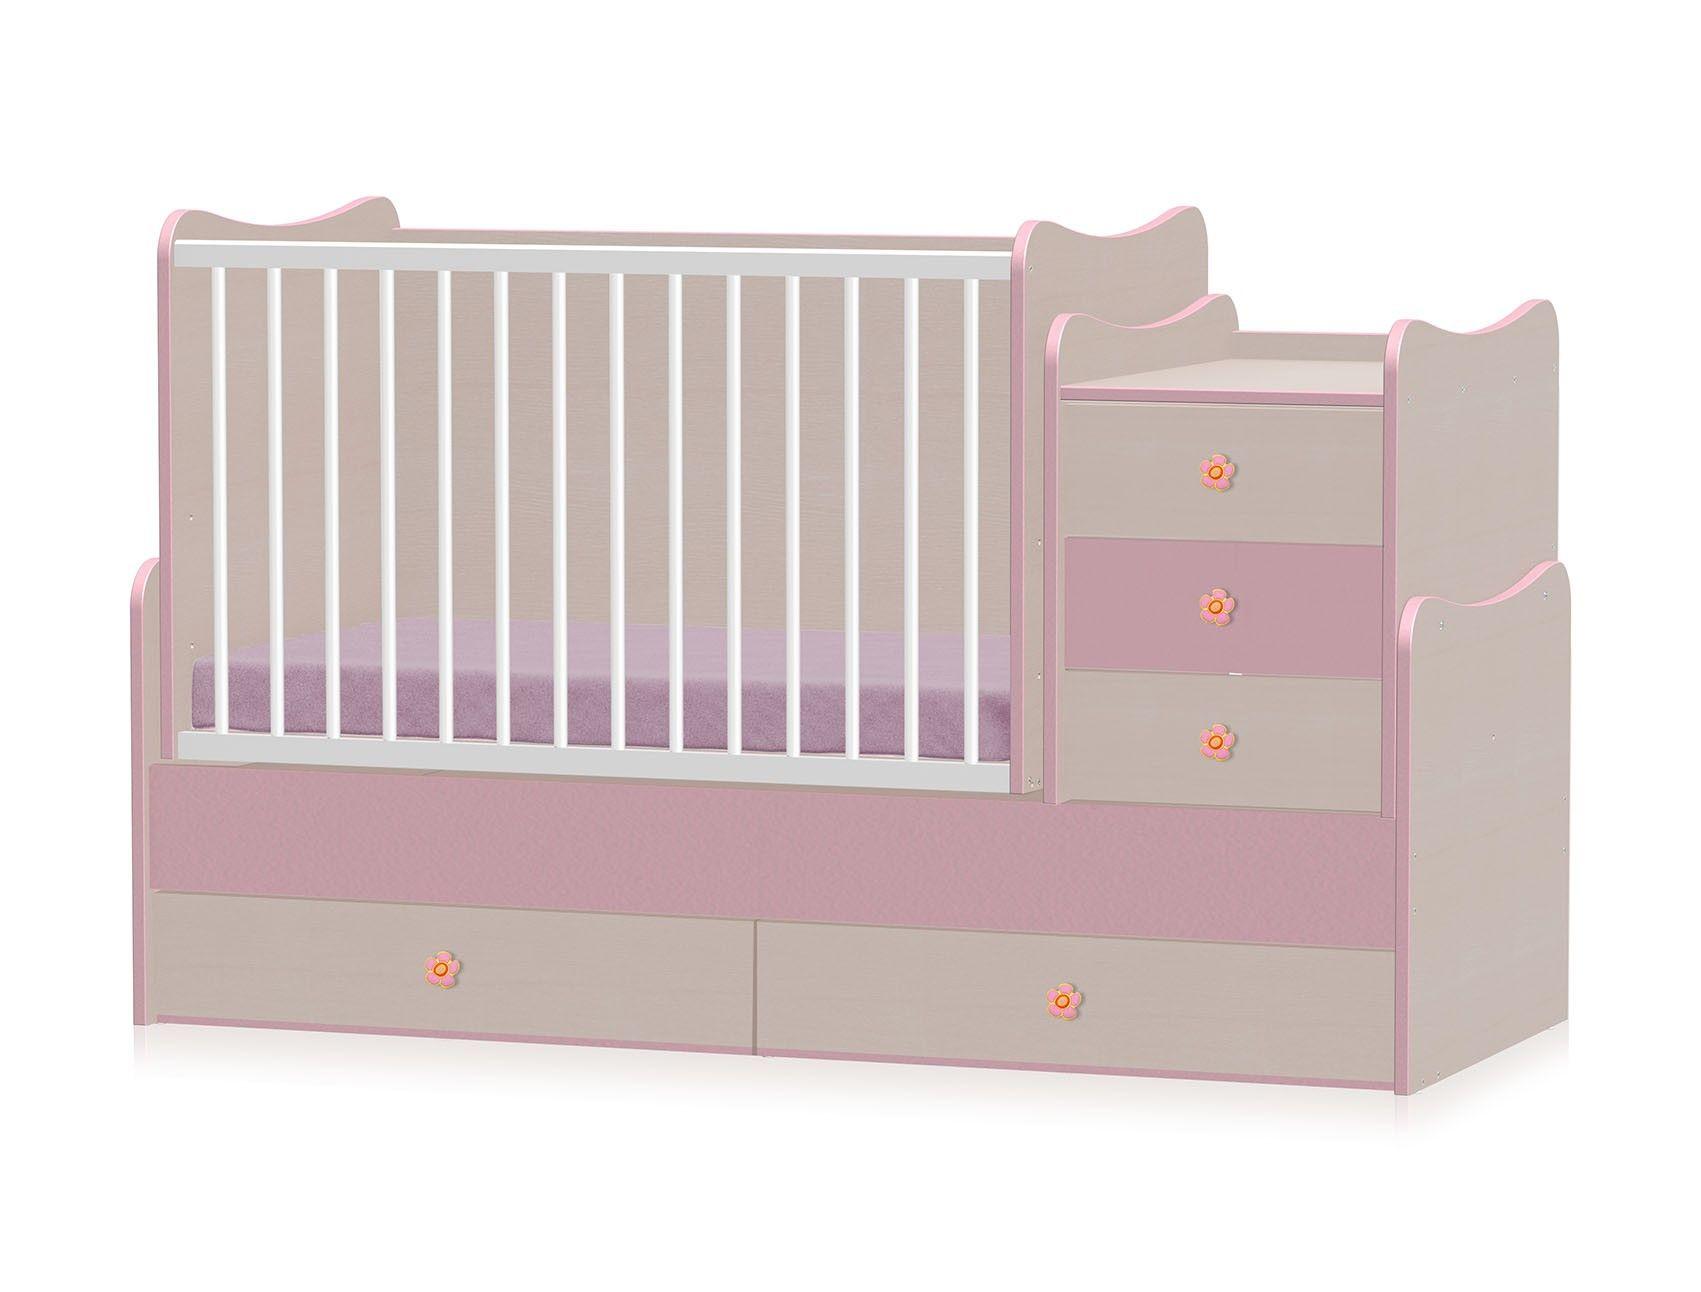 Garderobekast in vele kleuren te verkrijgen complete babykamer al